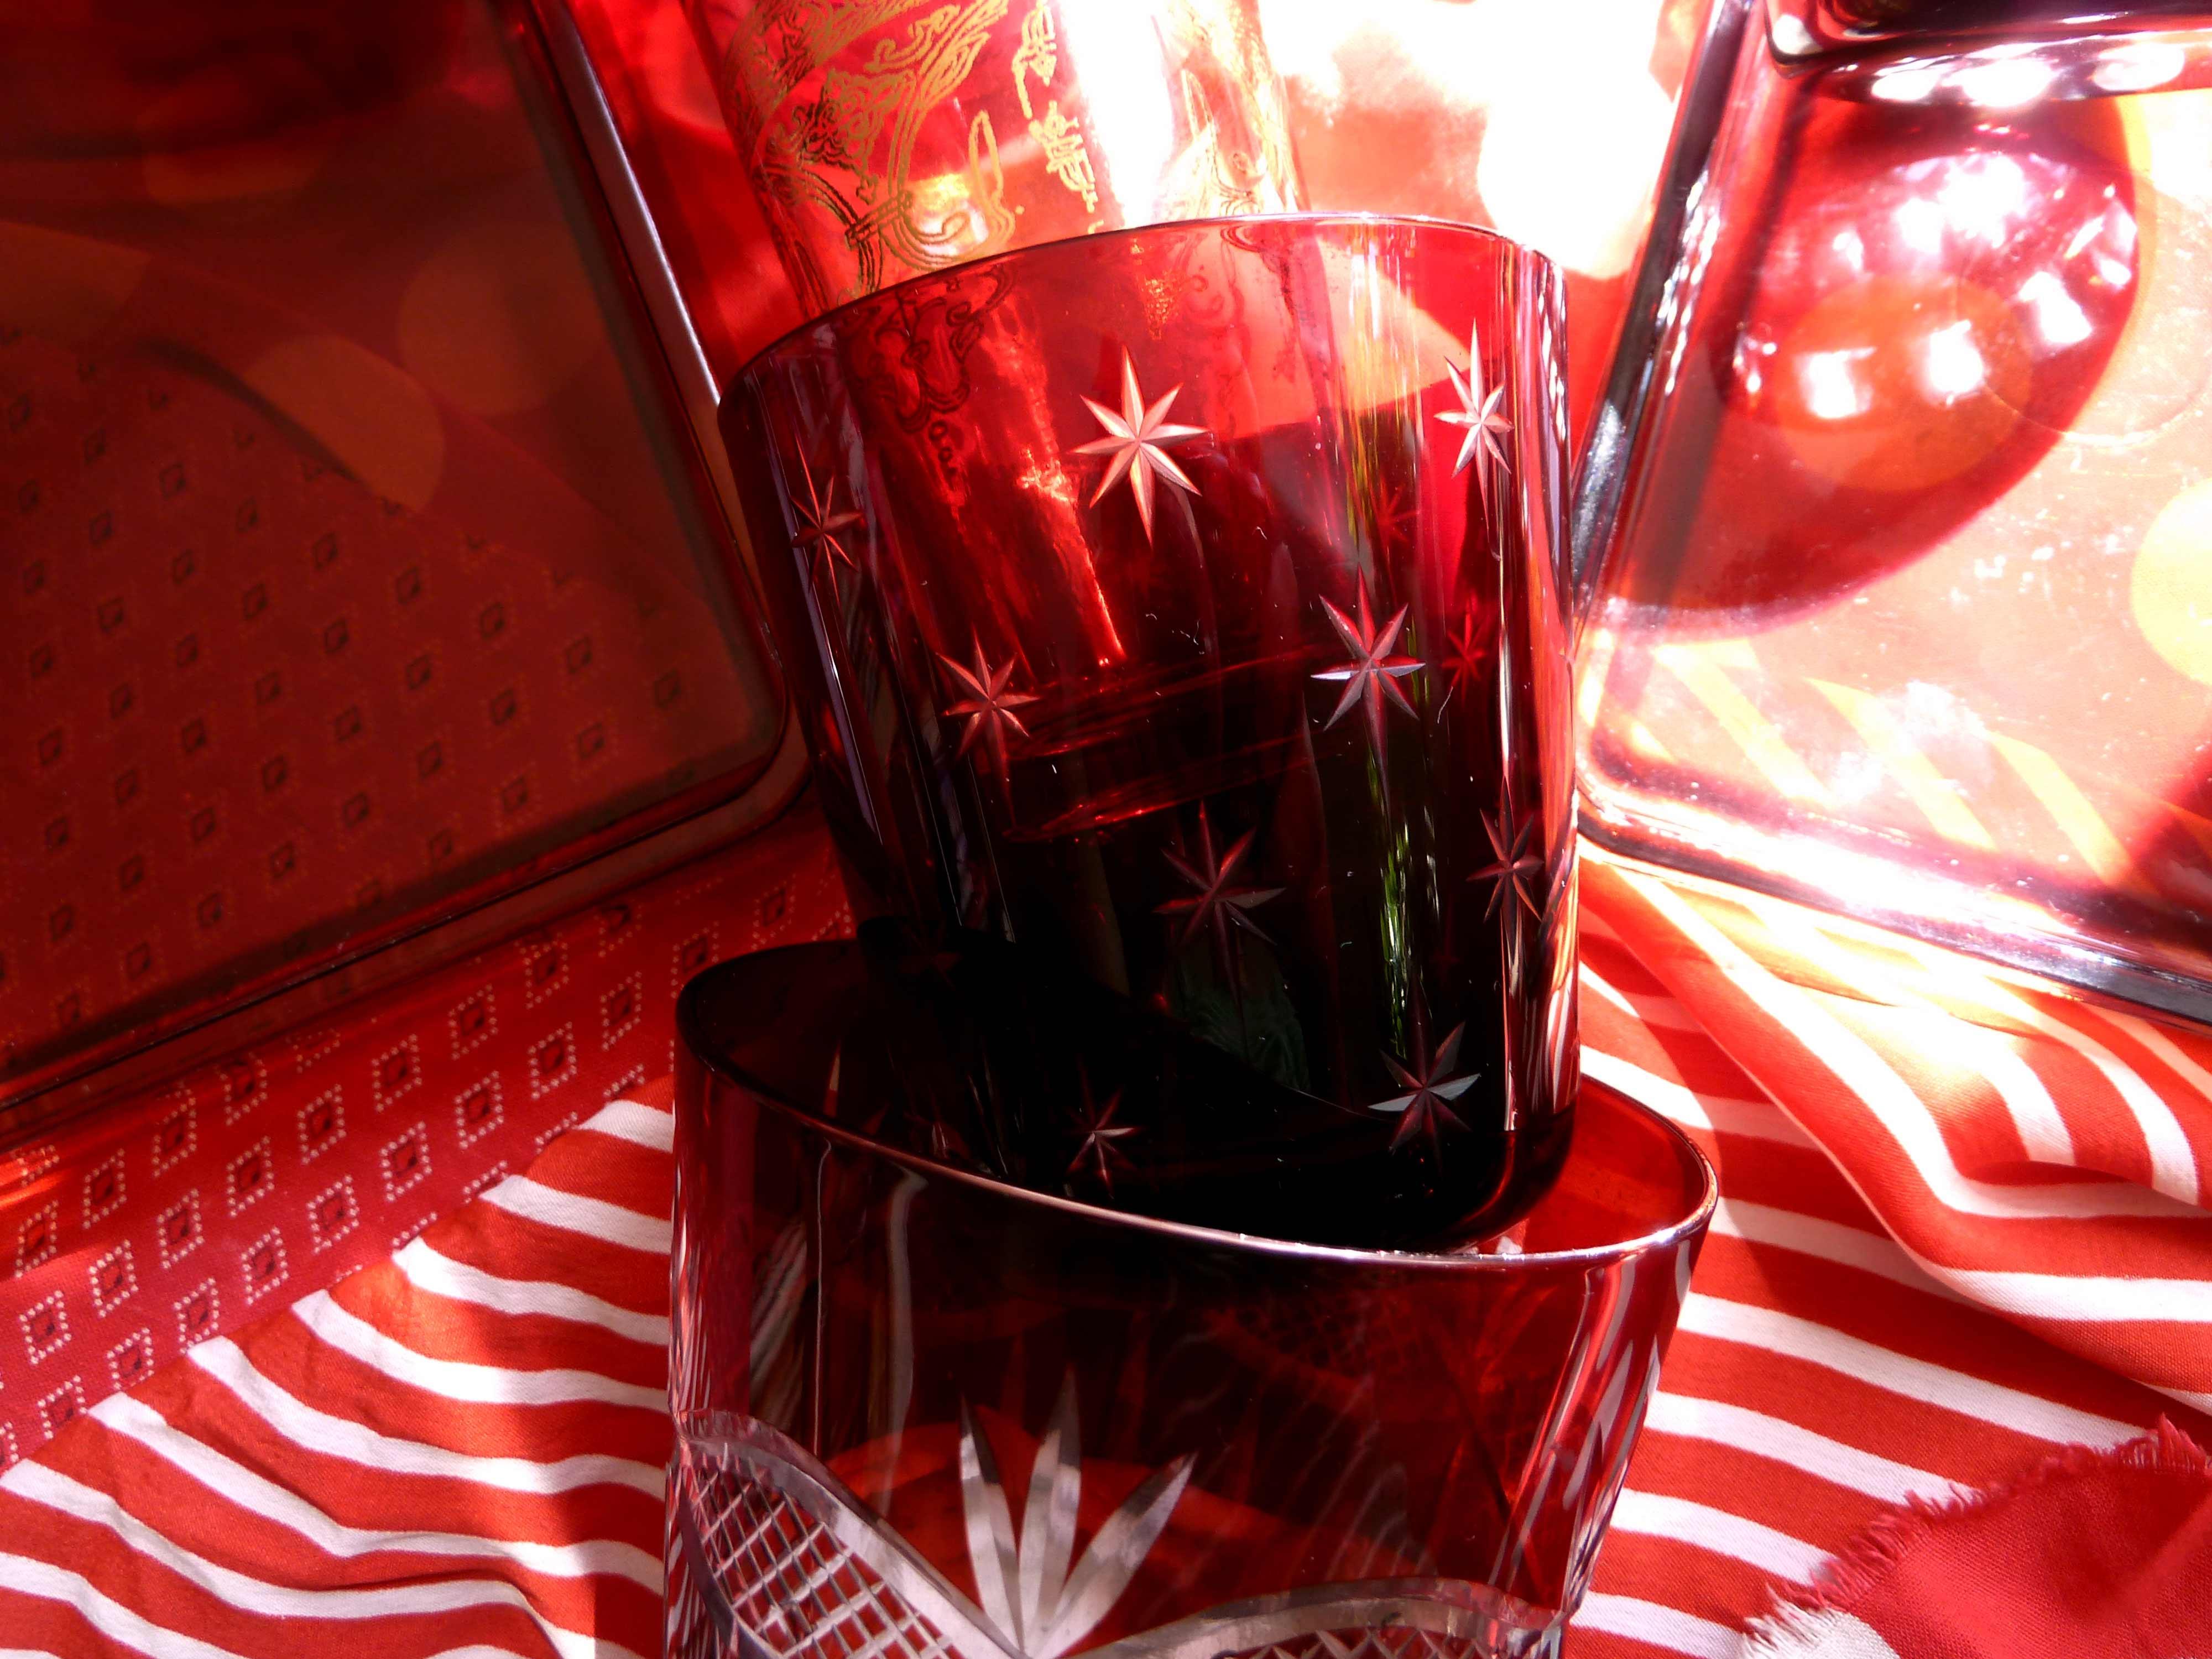 verschiedene rote gläser